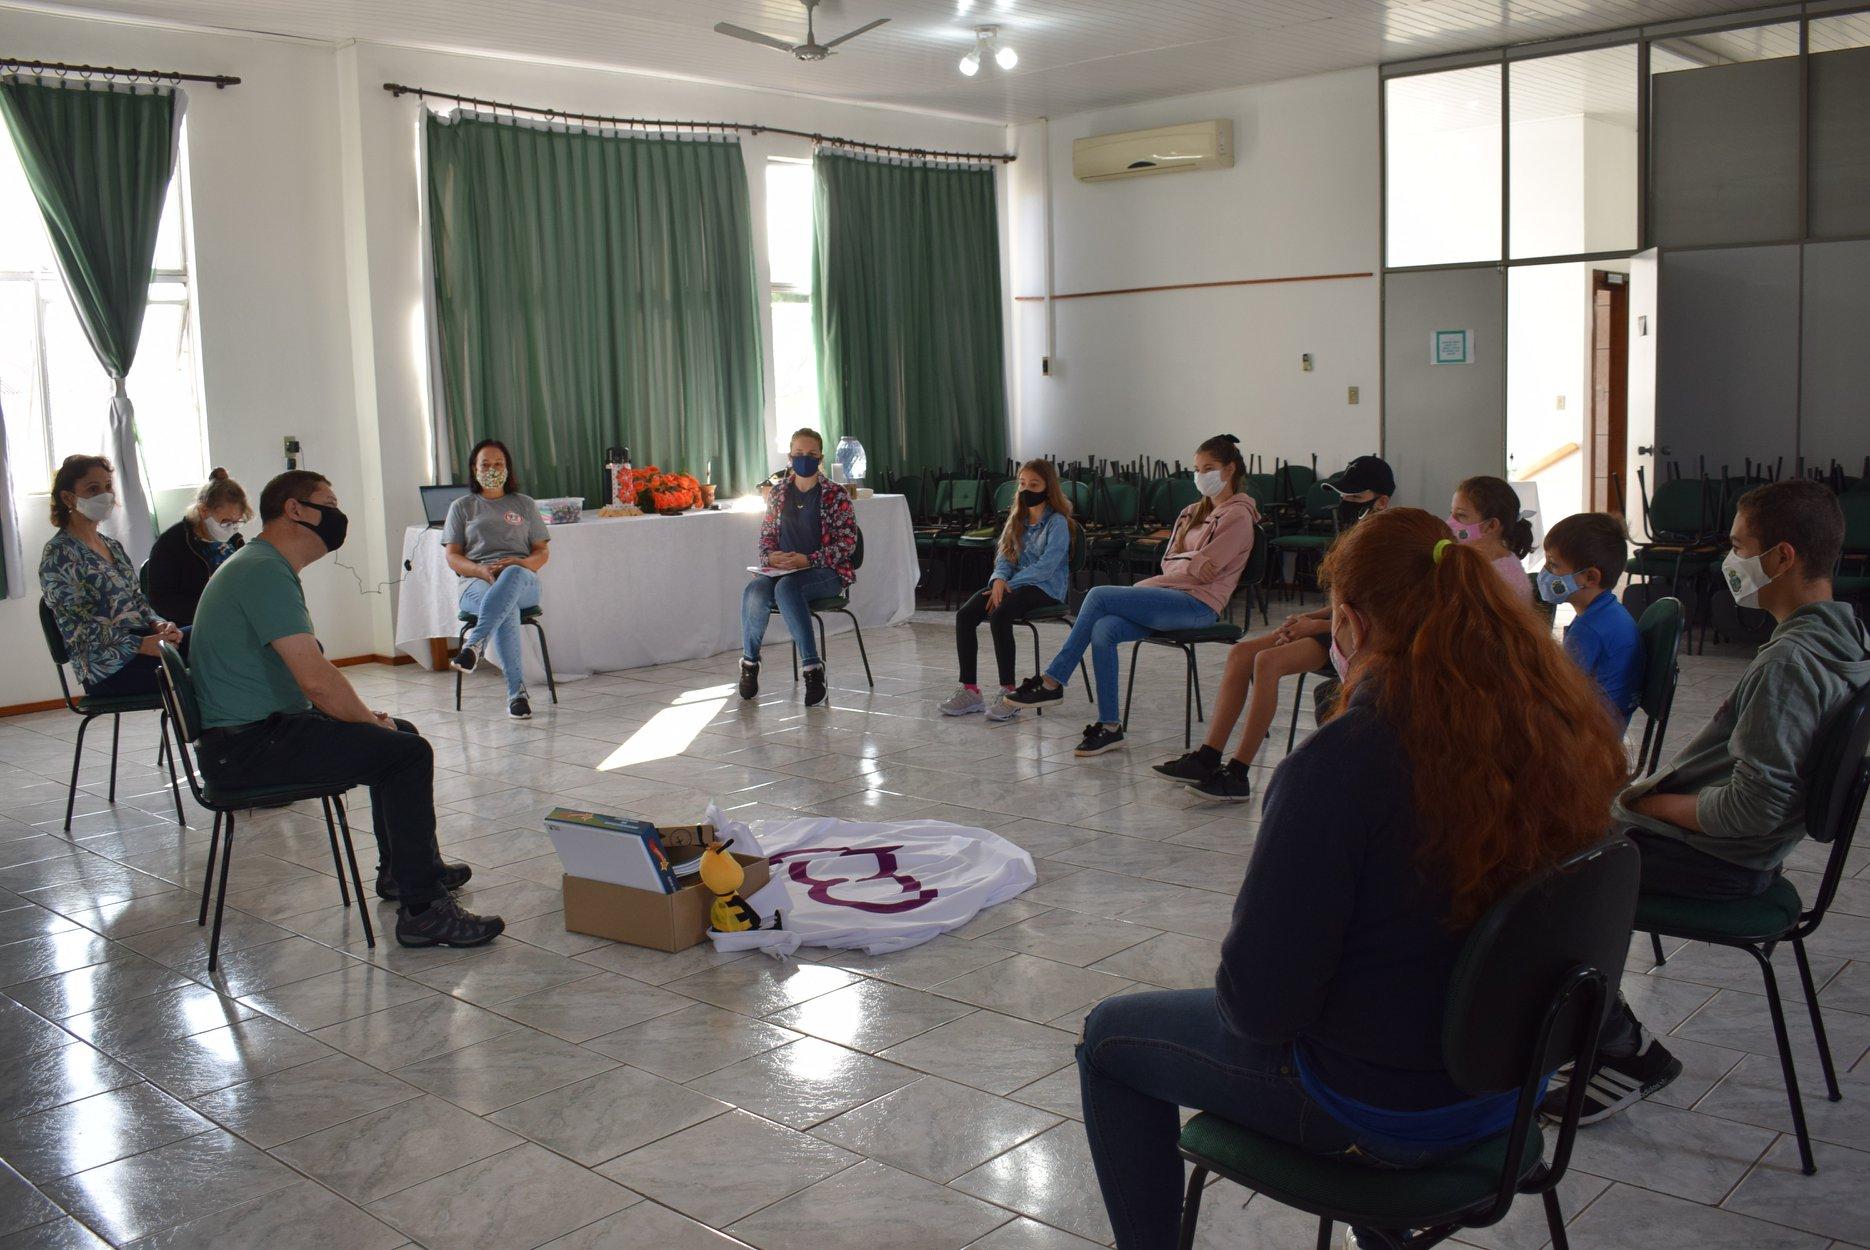 Cooperativa Escolar da EMEF Princesa Isabel de Alto Alegre está em processo de fundação